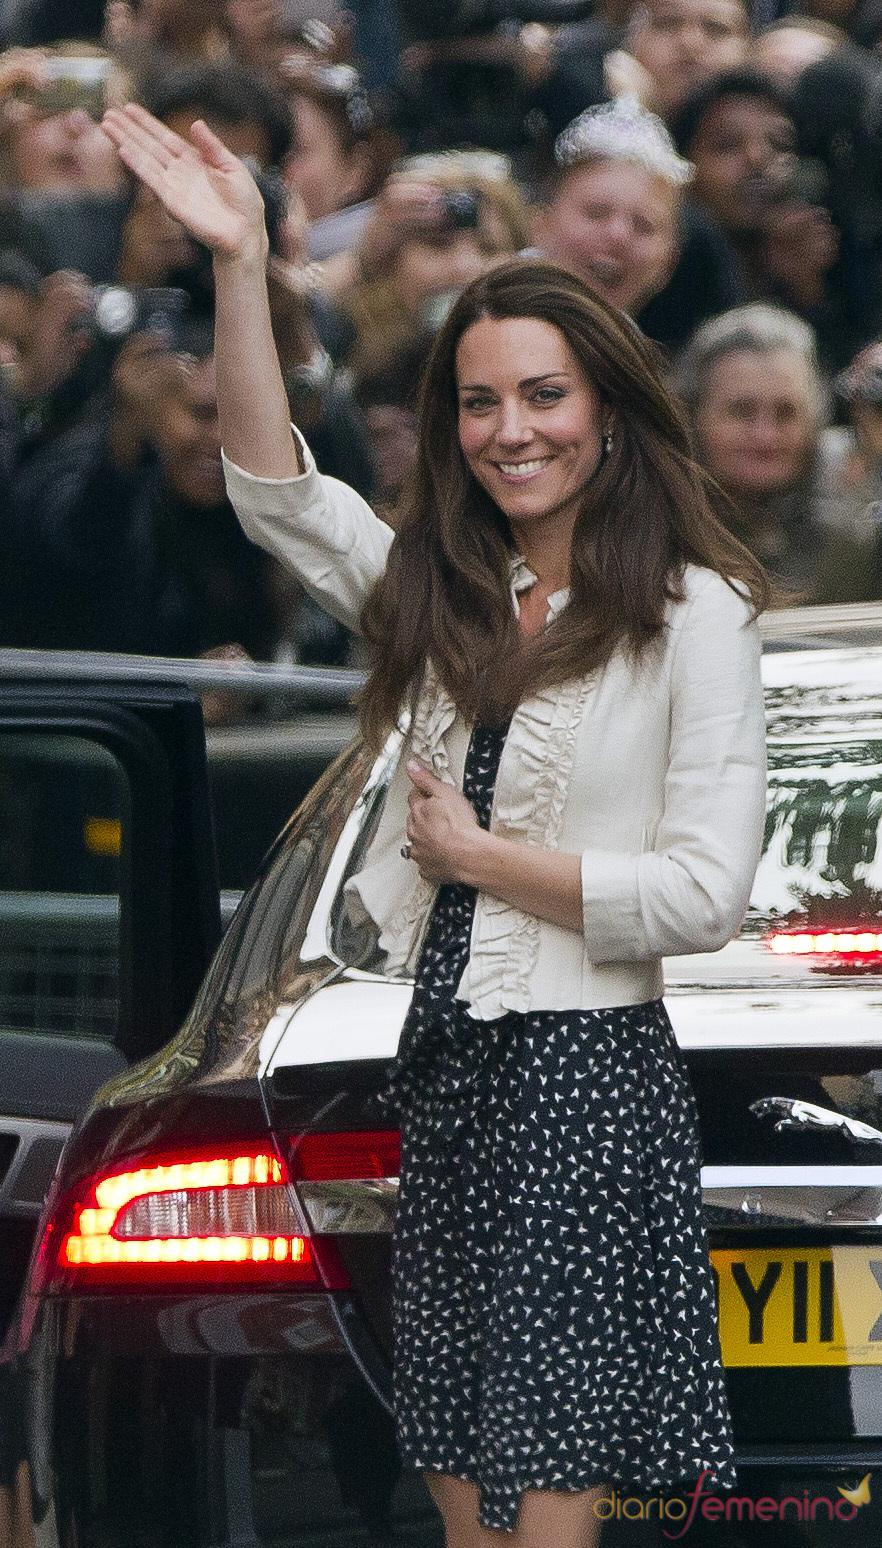 Última foto de Kate Middleton como soltera antes de su boda con Guillermo de Inglaterra